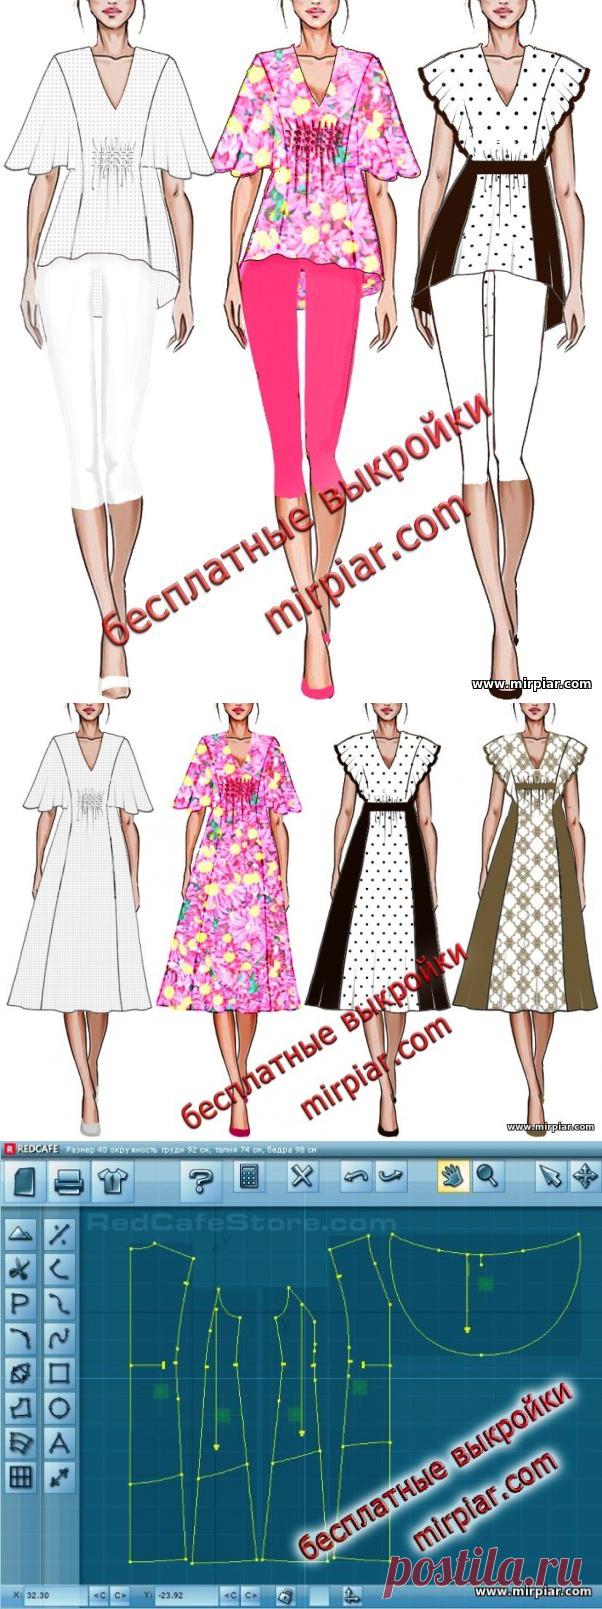 Туника и платье с большими рукавами-крылышками Скачать бесплатные выкройки в натуральную величину в четырех размерах с сайта MirPiar.com